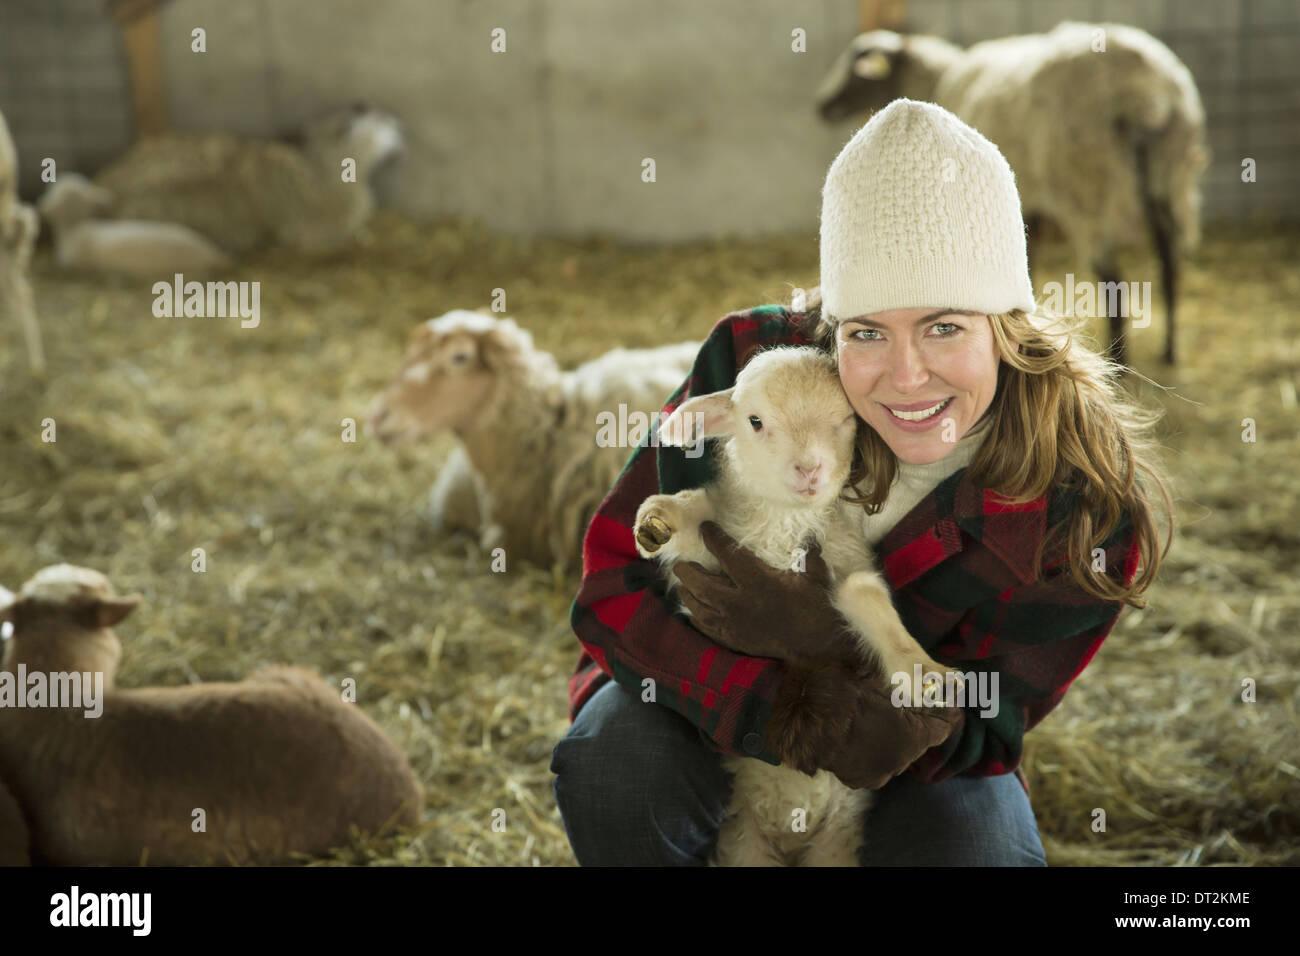 Une ferme biologique en hiver en printemps froid l'État de New York une famille travaillant prendre soin de l'élevage une femme tenant un petit agneau Photo Stock